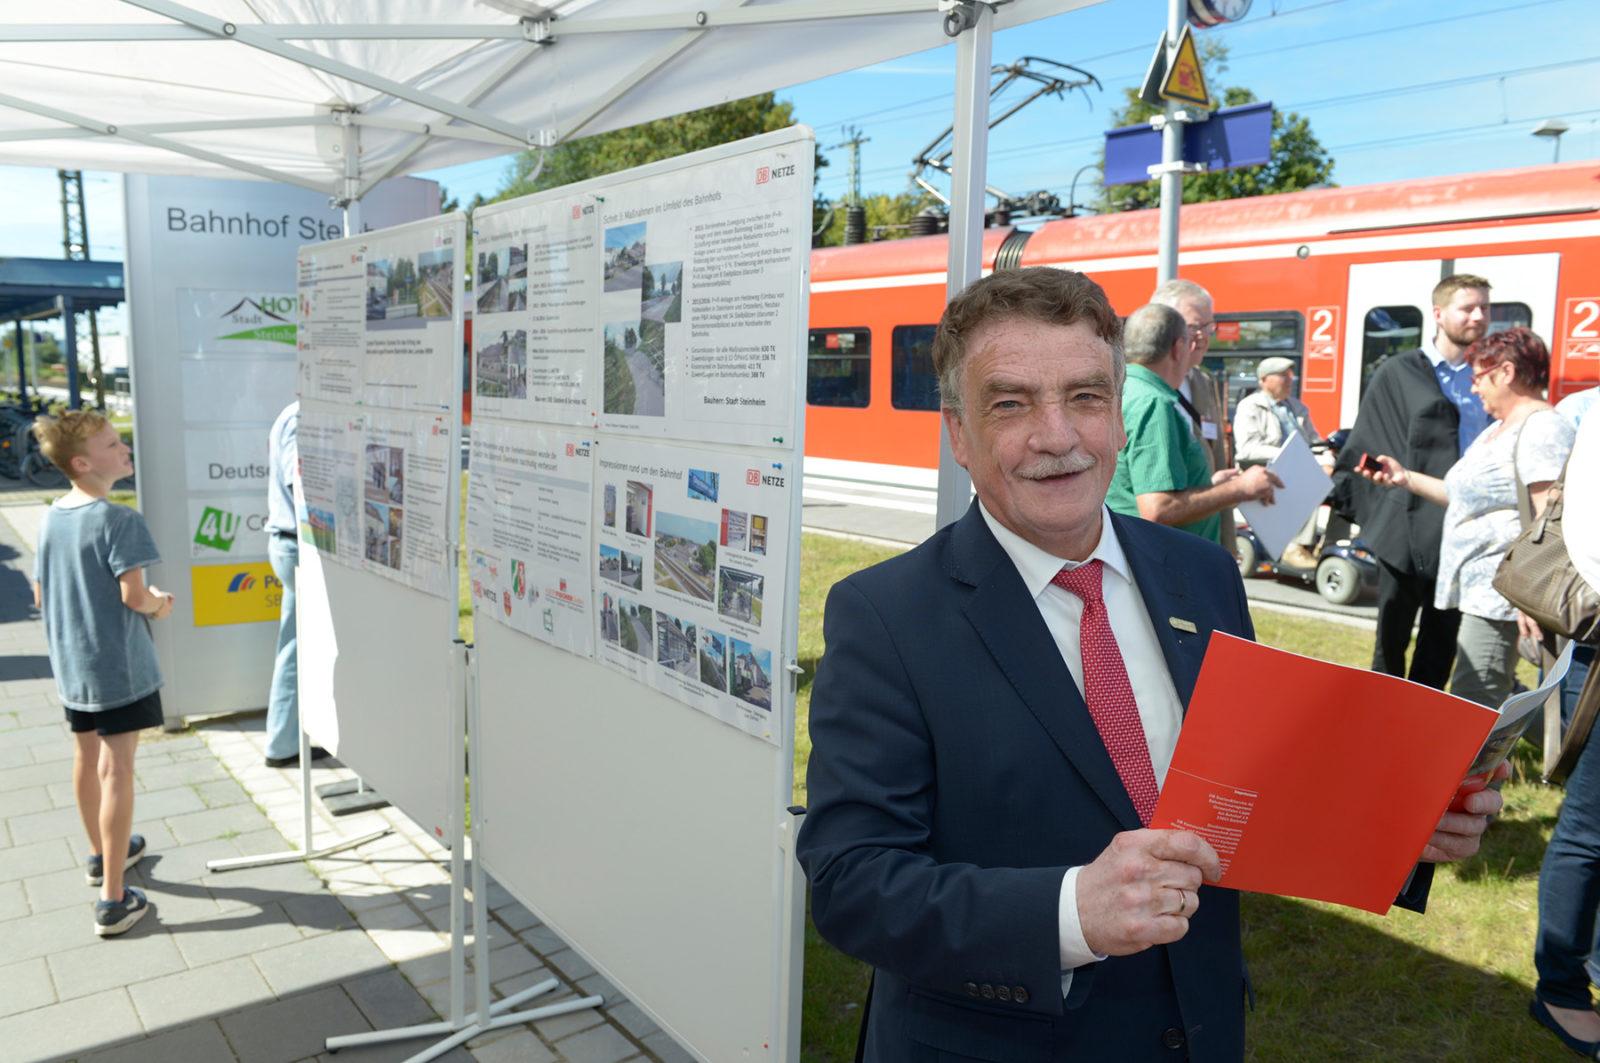 Bahnhof des Jahres 2016: Feier in Steinheim (Westfalen)